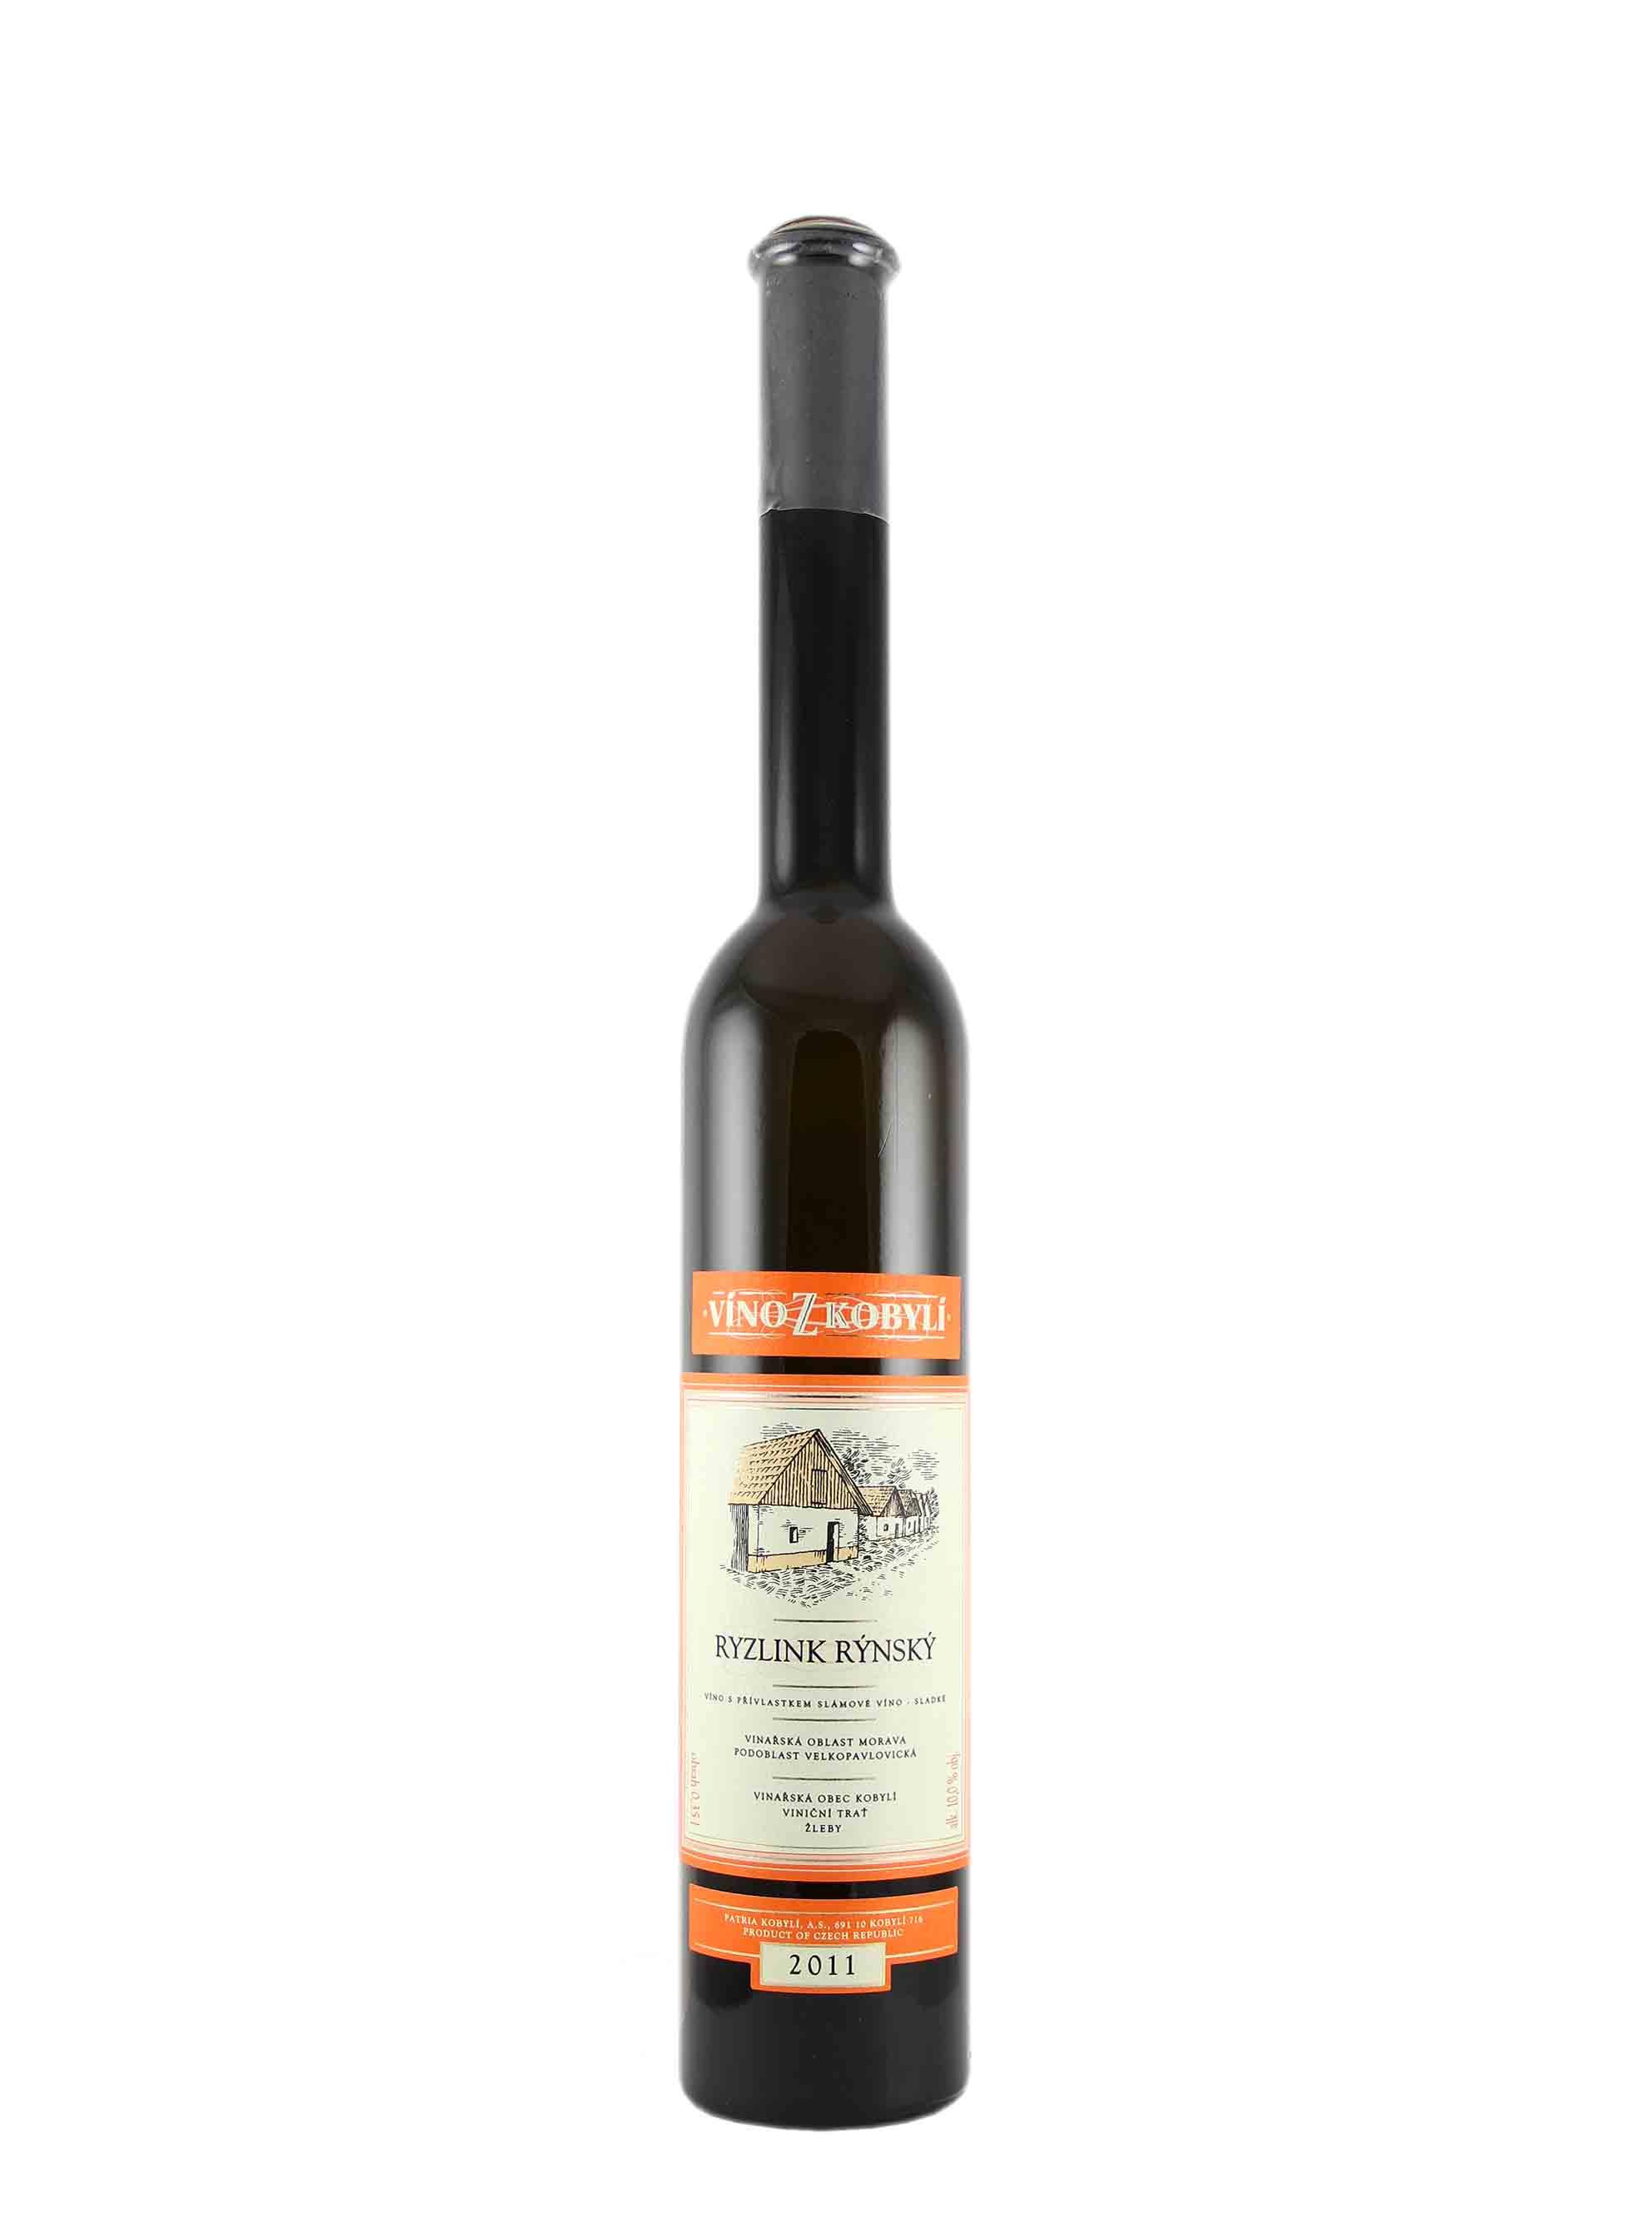 Ryzlink rýnský, Slámové víno, 2011, Patria Kobylí, 0.35 l